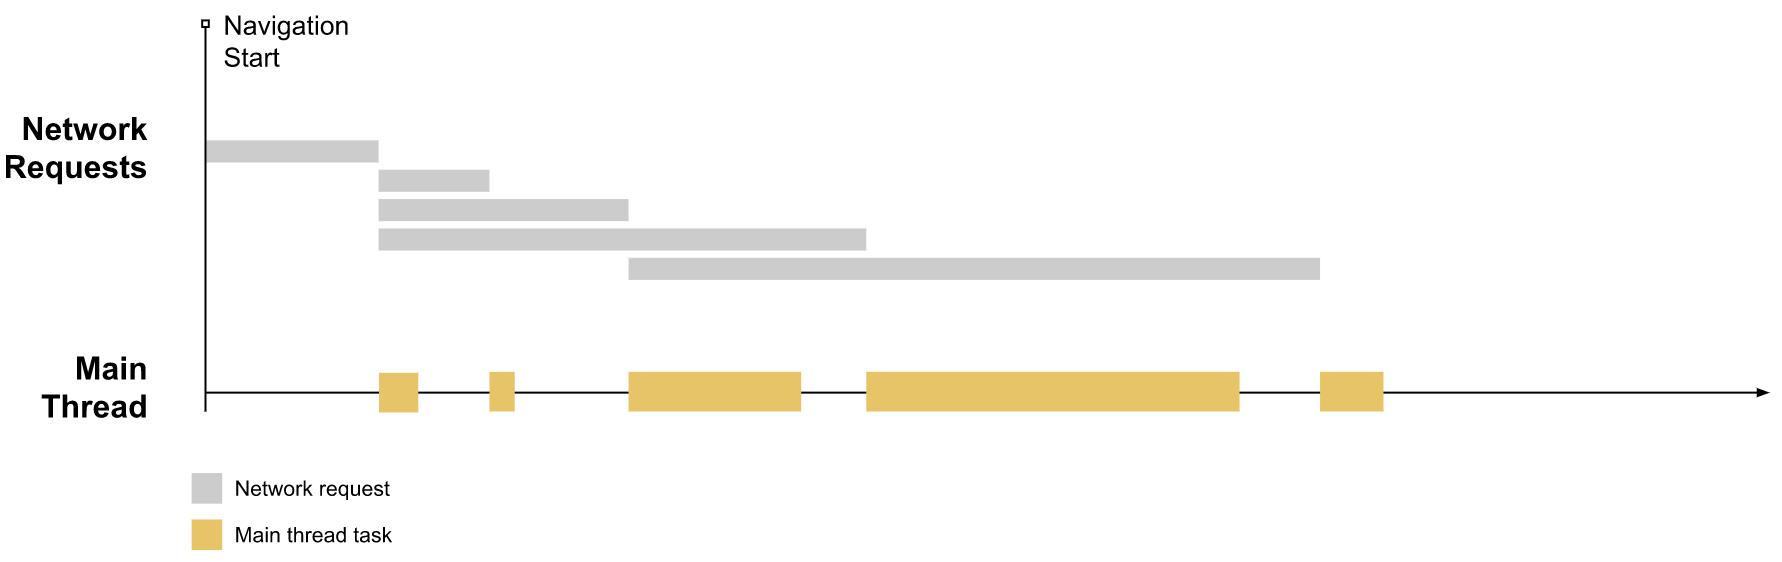 график загрузки типичной веб-страницы